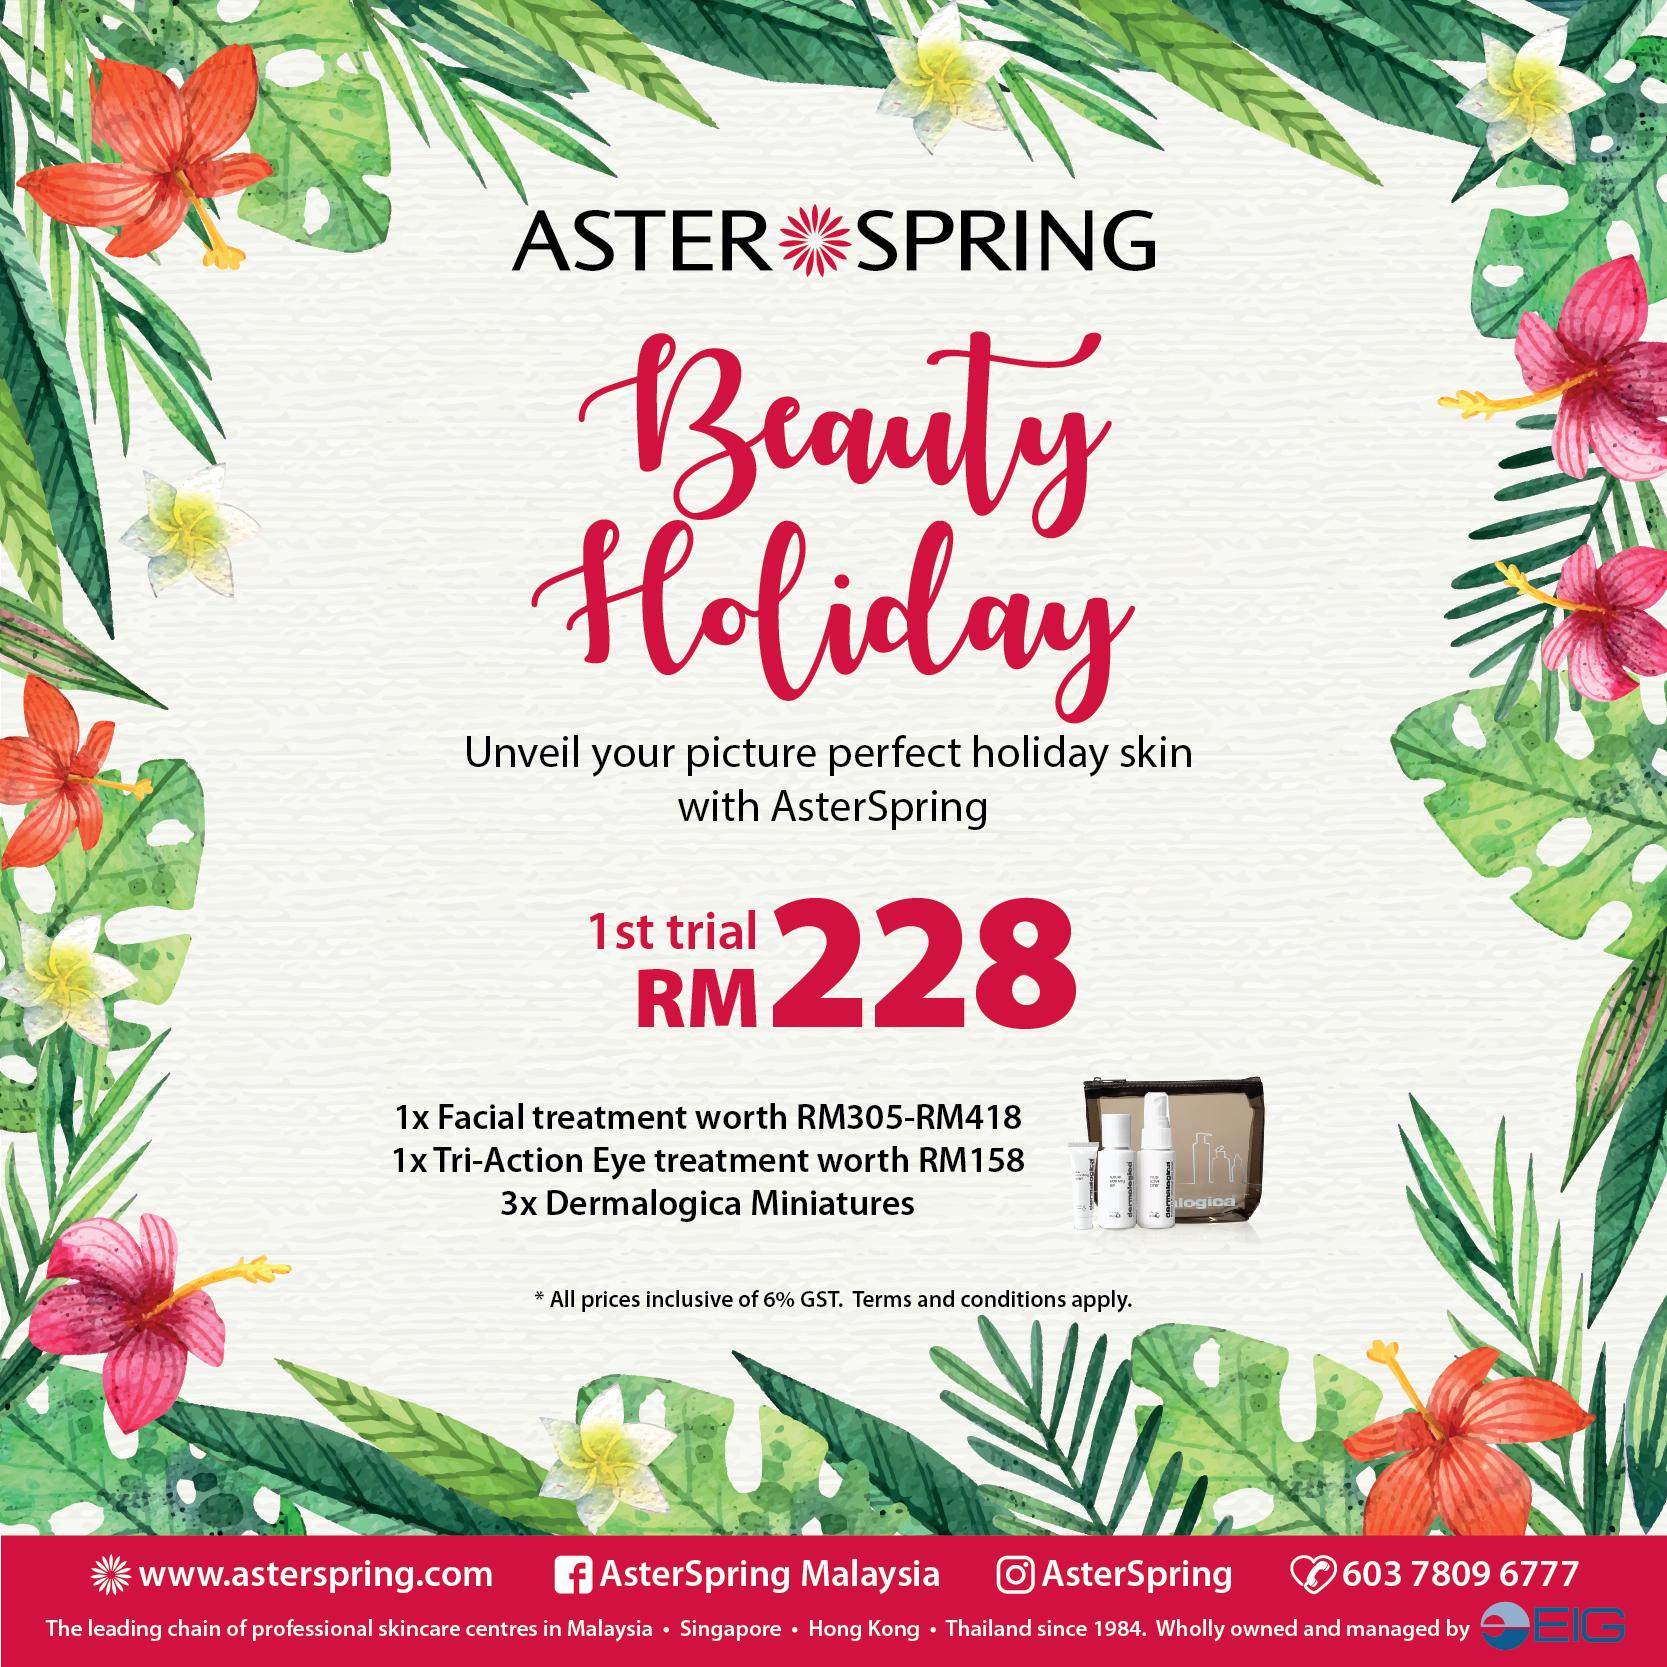 beauty-holiday-social-media-post-as-rm228-01